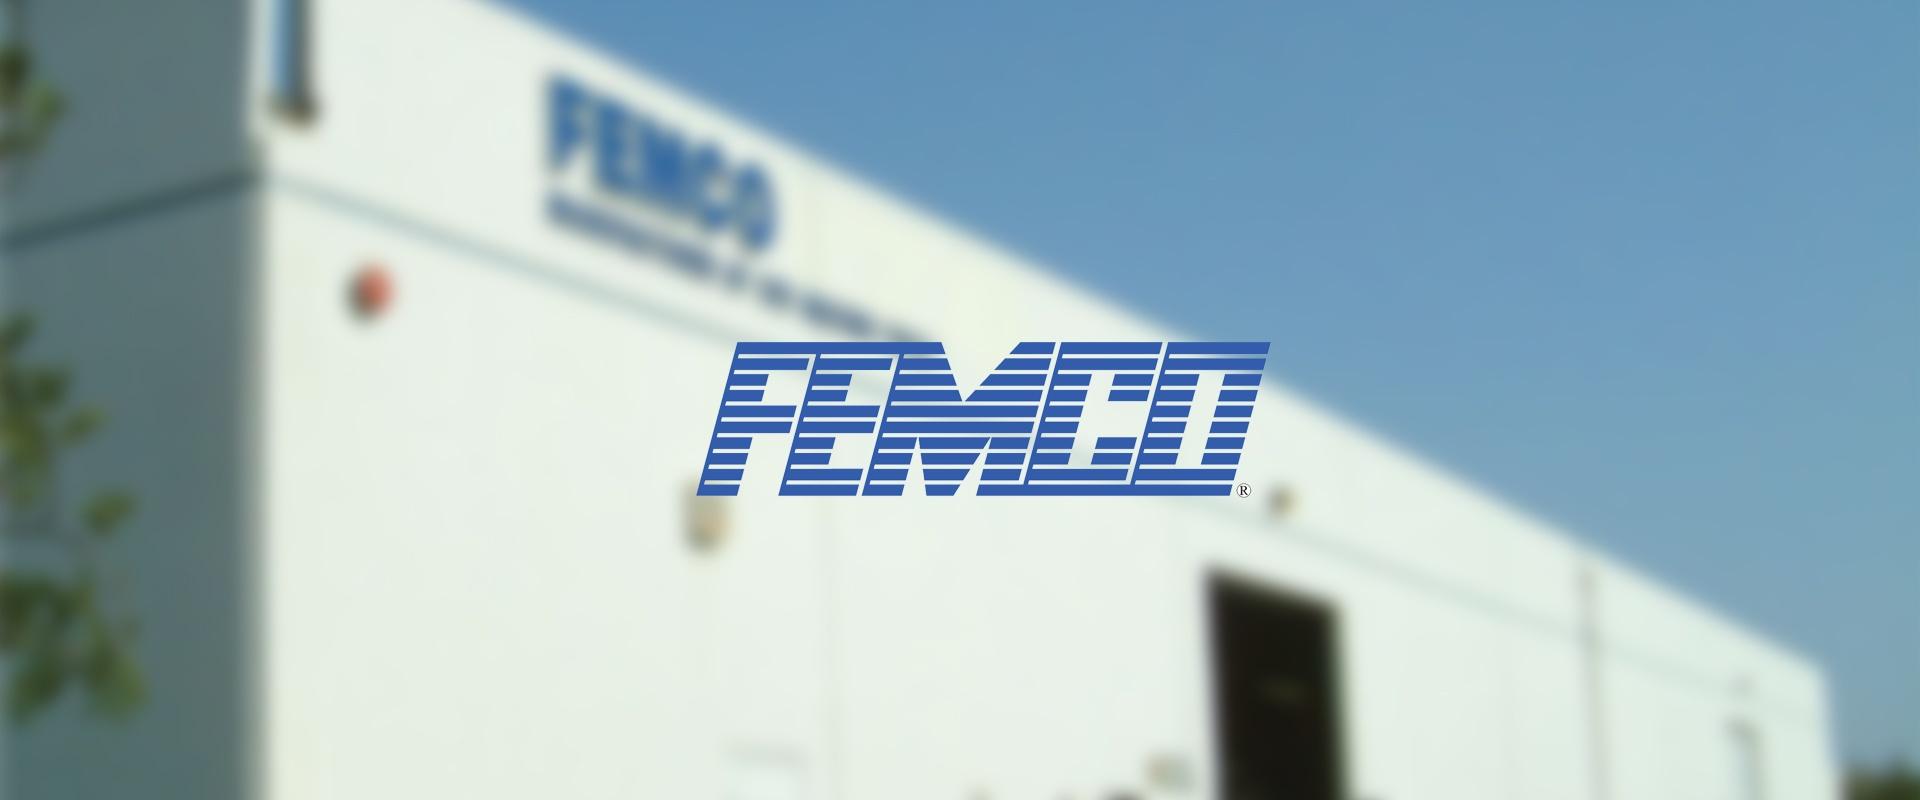 femco-1